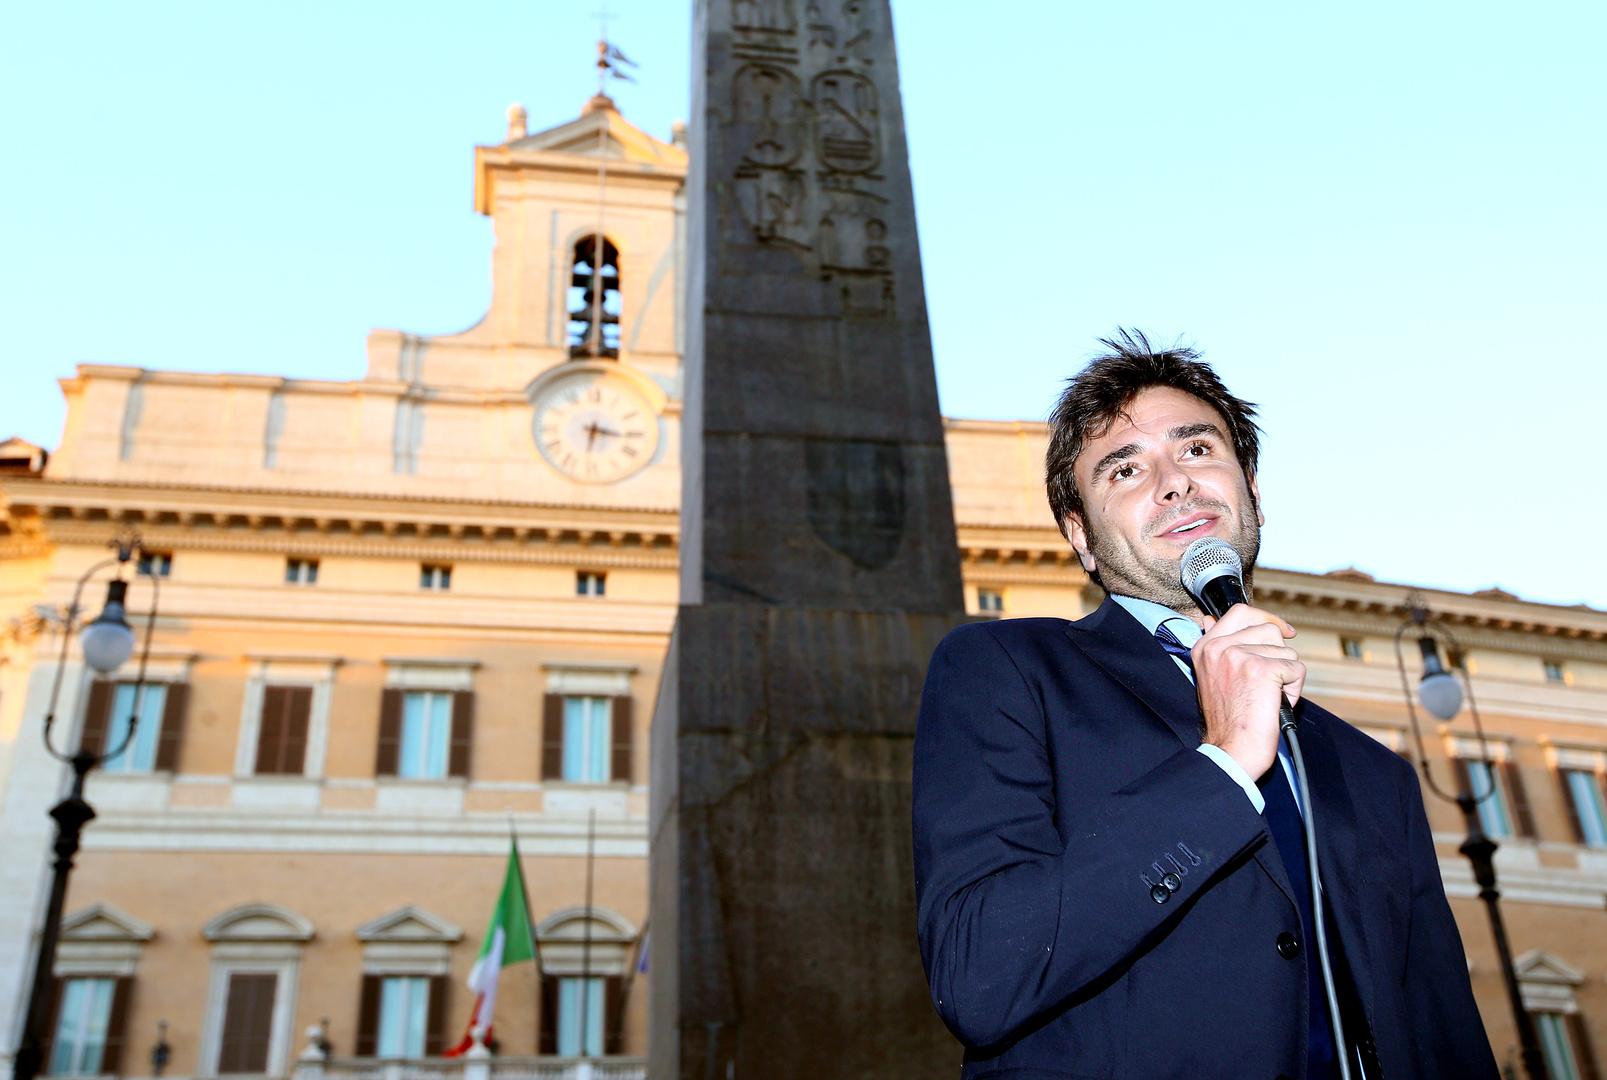 أليساندرو دي باتيستا، سياسي إيطالي